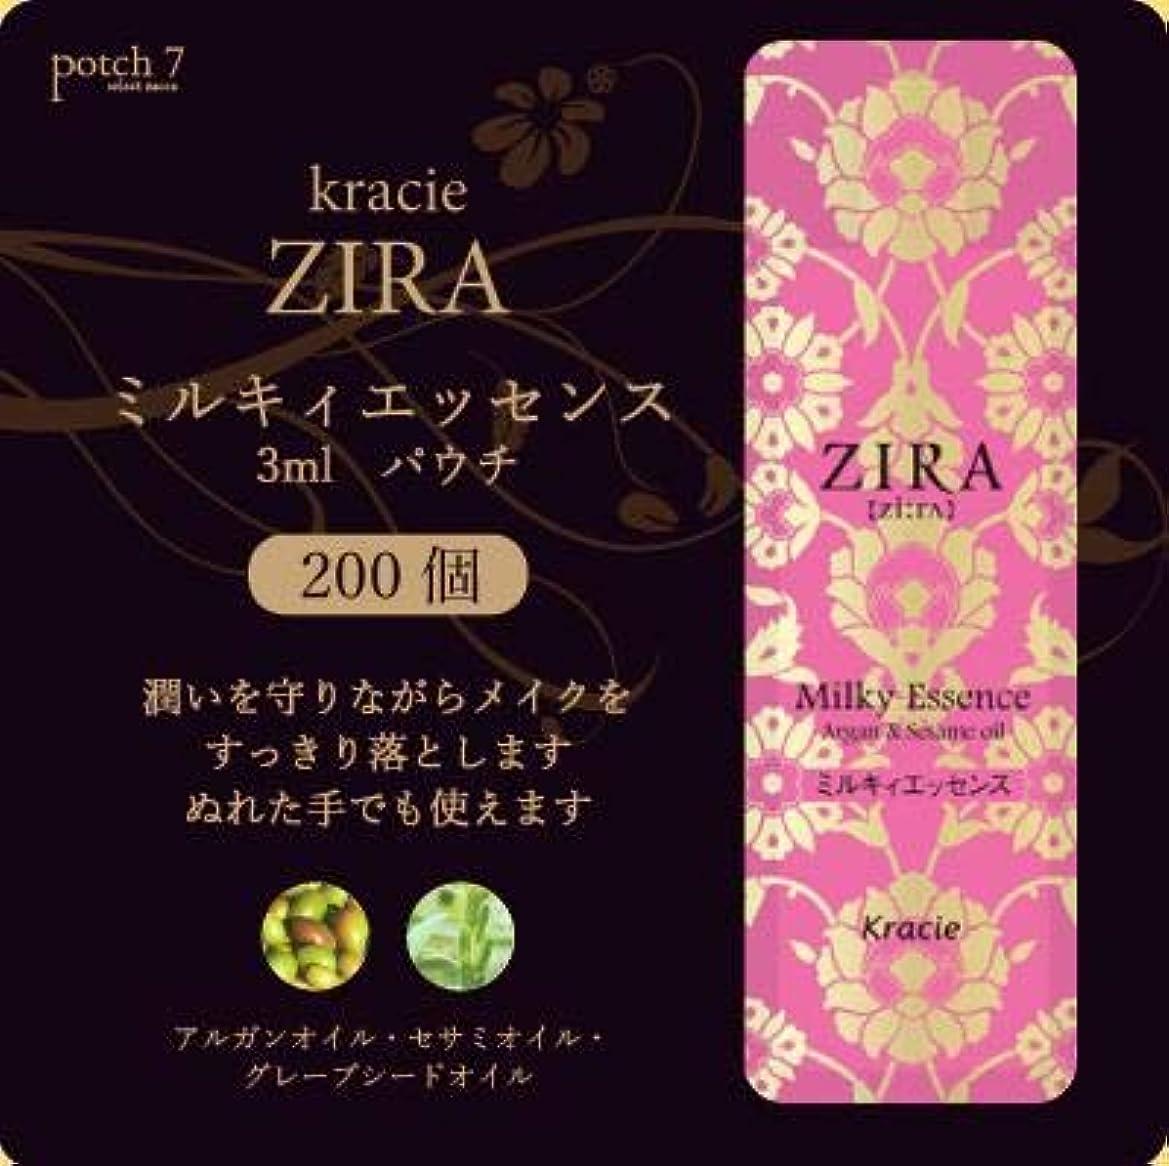 定義する直径ガチョウKracie クラシエ ZIRA ジーラ ミルキィエッセンス 美容液 パウチ 3ml 200個入